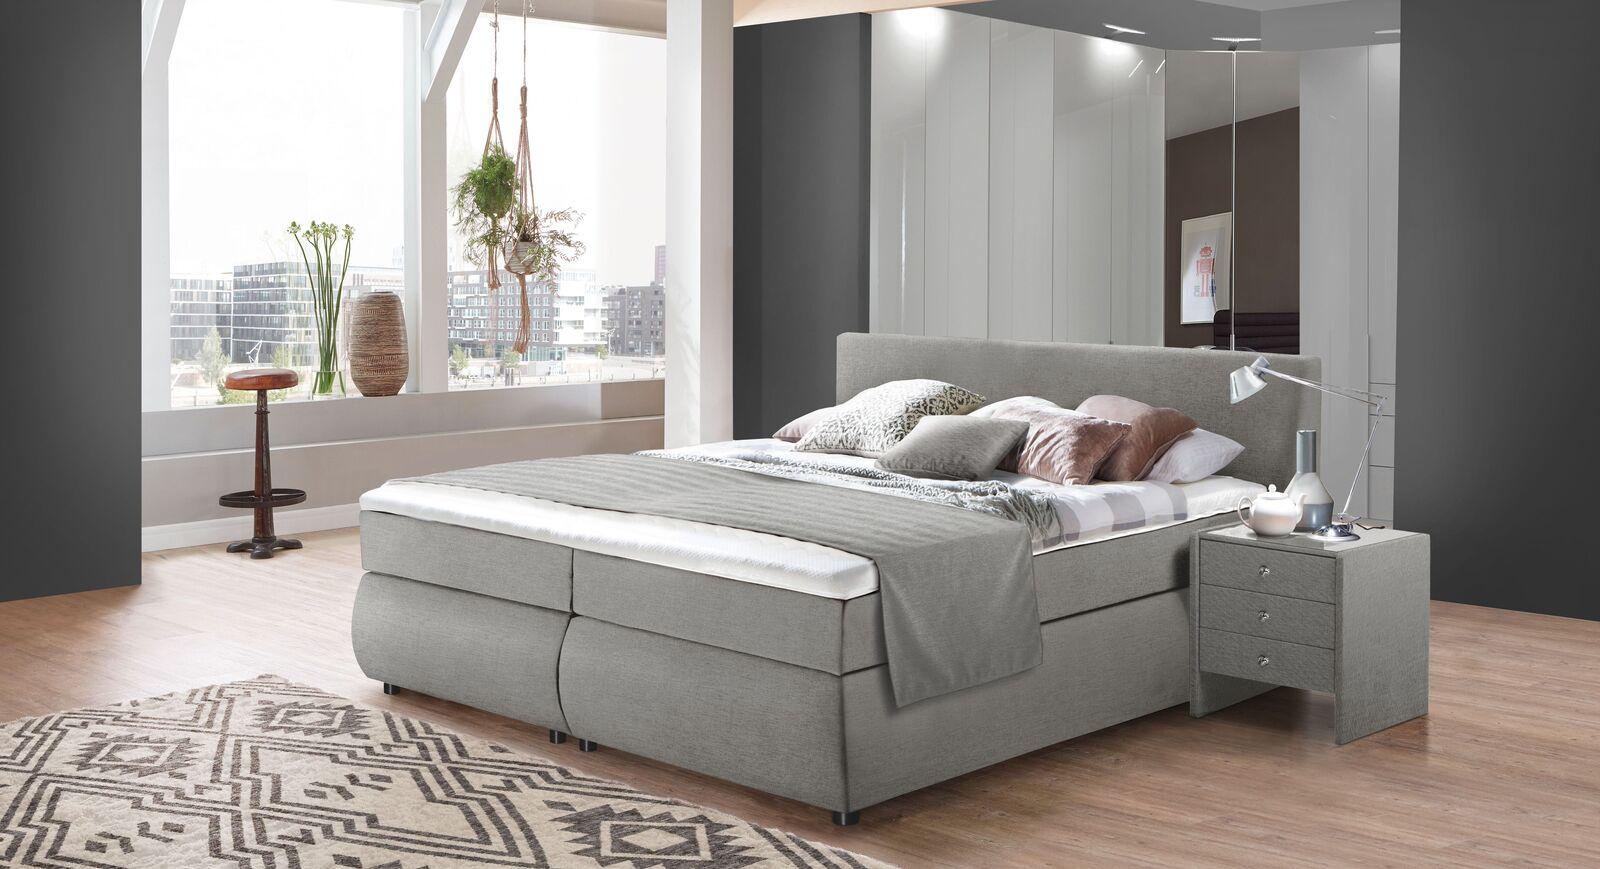 Bettkasten-Boxspringbett Highgate mit passenden Schlafzimmermöbeln